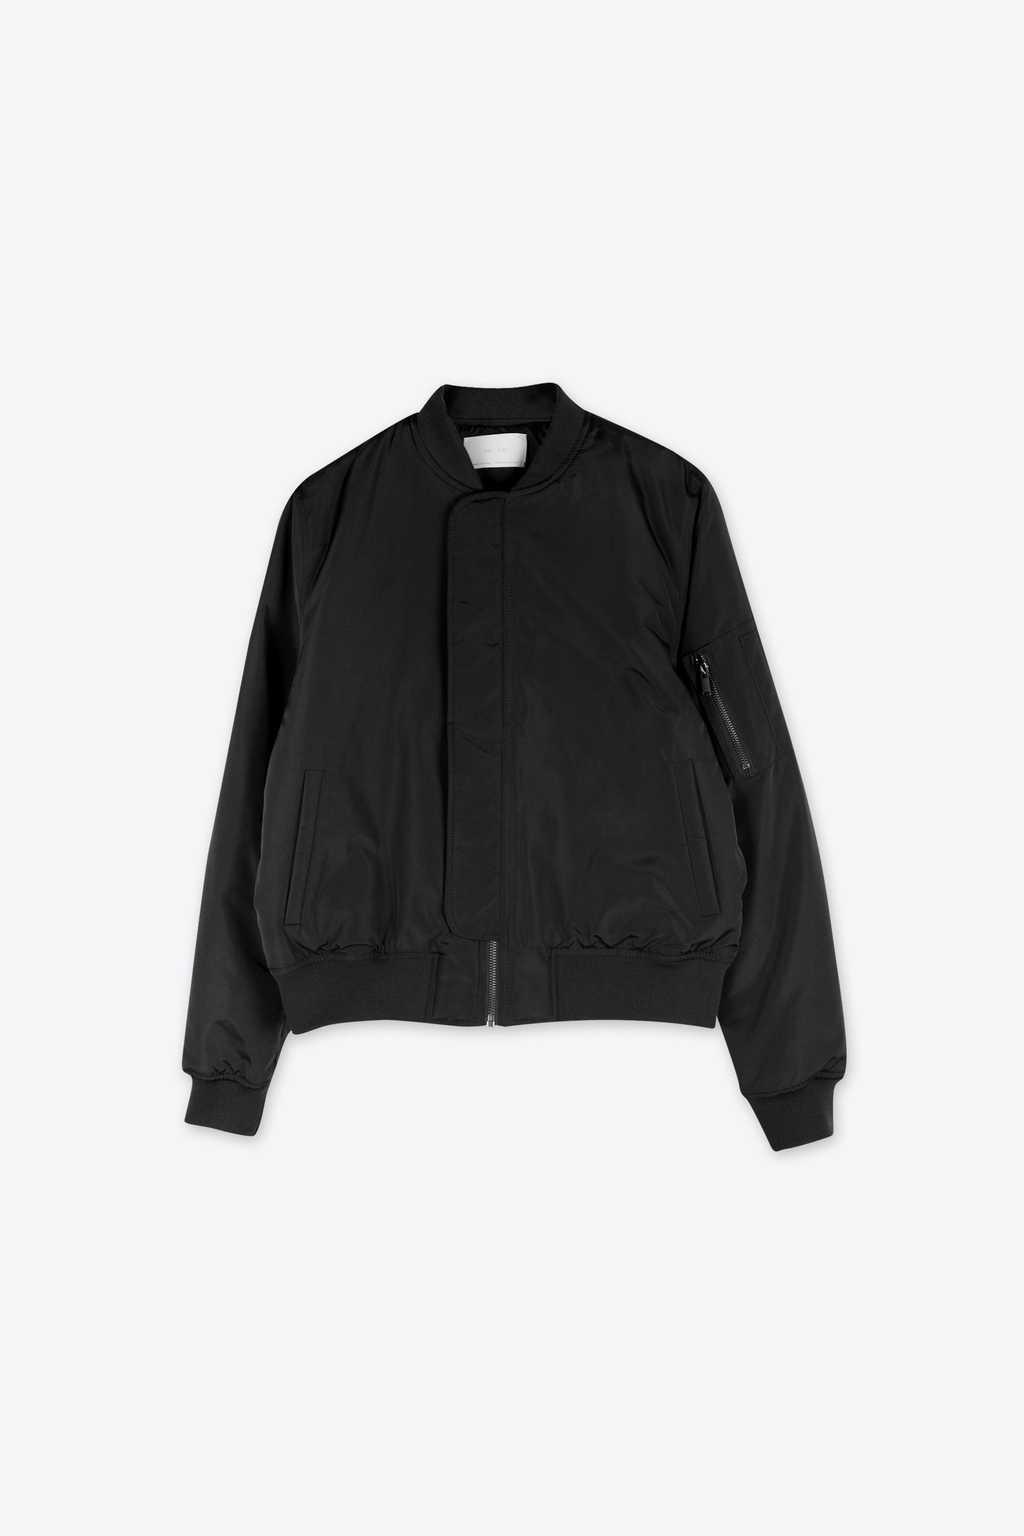 Bomber Jacket 1464 Black 9